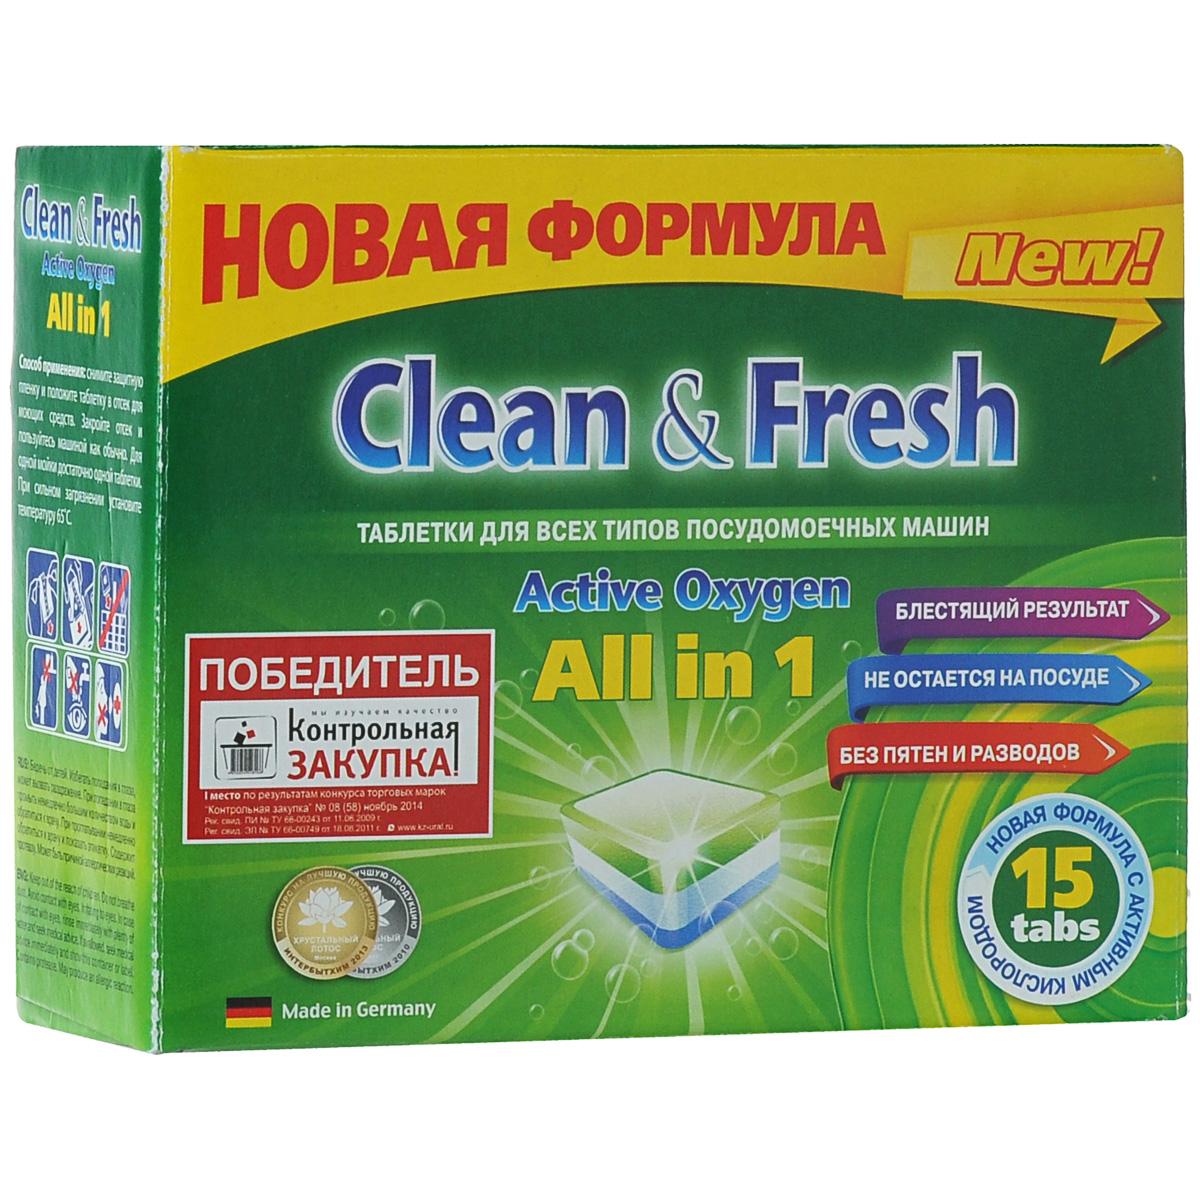 Таблетки для посудомоечных машин Clean & Fresh All in 1, с ароматом лимона, 15 шт16208Применение таблеток Clean & Fresh All in 1 облегчает использование посудомоечных машин. Дополнительные вещества, входящие в состав таблеток защищают машину от образования накипи на нагревательных элементах, способствуют лучшему результату при мытье посуды, существенно экономят ваше время. Удаляют даже самые сильные загрязнения. Таблетки Clean & Fresh All in 1 имеют четыре цветных слоя: зеленый - для лимонного запаха и защиты стекла от коррозии, синие микро-жемчужины - для блестящей посуды и сияющего стекла, белый - для защиты посудомоечной машины от образования накипи и наслоений извести, синий - сила очистки с активным кислородом. Достаточно поместить одну таблетку в дозатор посудомоечной машины и посуда приобретает идеальную чистоту и свежесть, без разводов и известковых пятен. Вес одной таблетки: 20 г. Количество таблеток в упаковке: 30 шт. Состав таблеток: триполифосфат натрия - более 30%; карбонат натрия,...